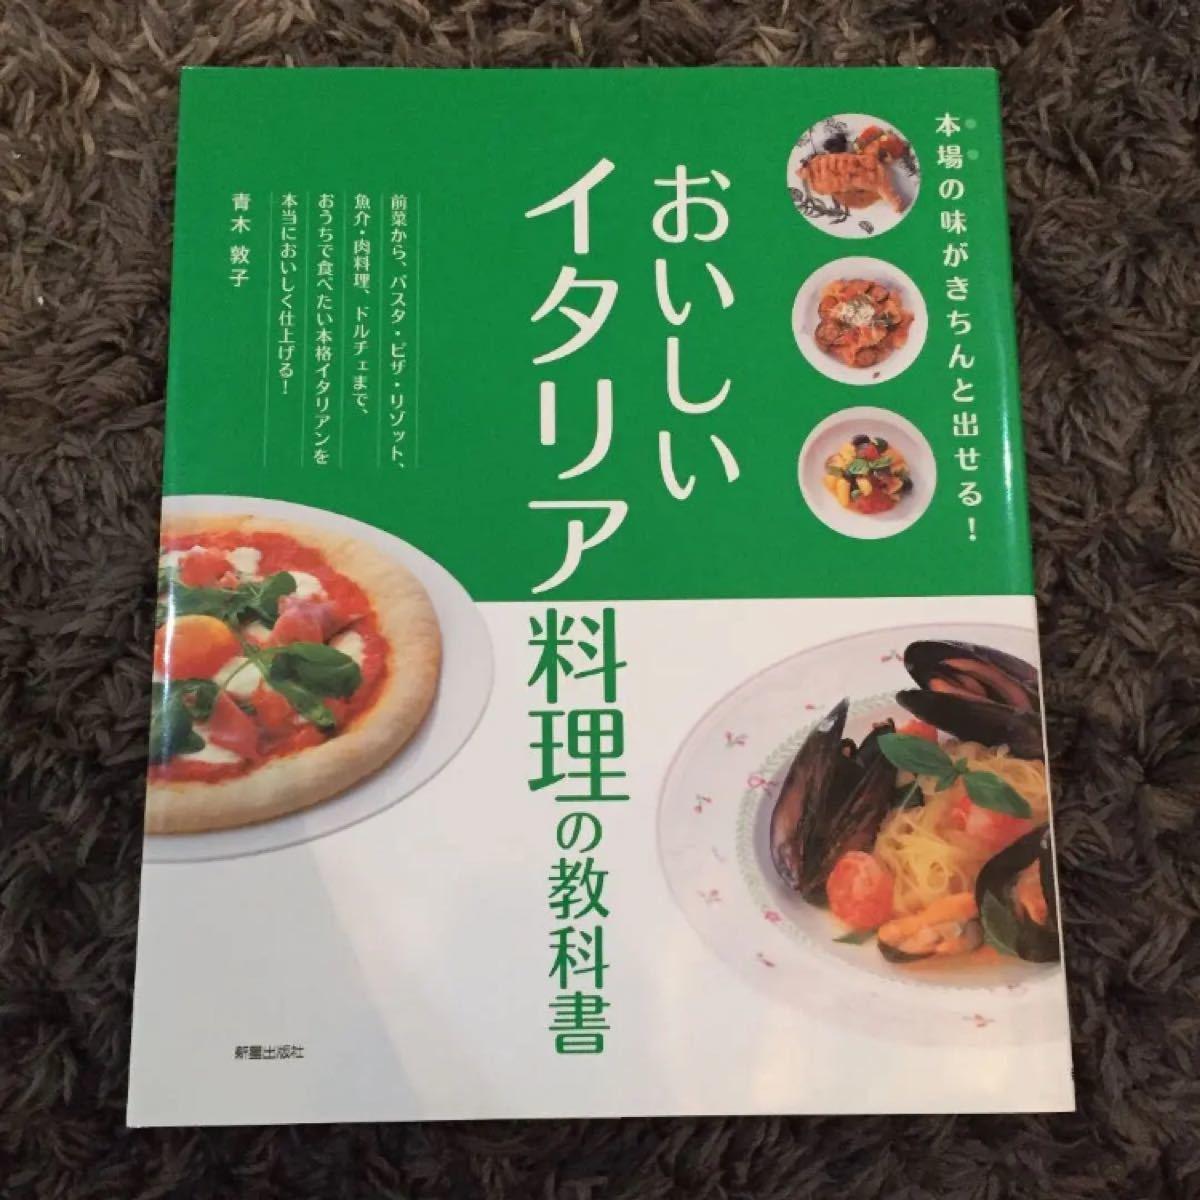 お料理本  おいしいイタリア料理の教科書 本場の味がきちんと出せる!